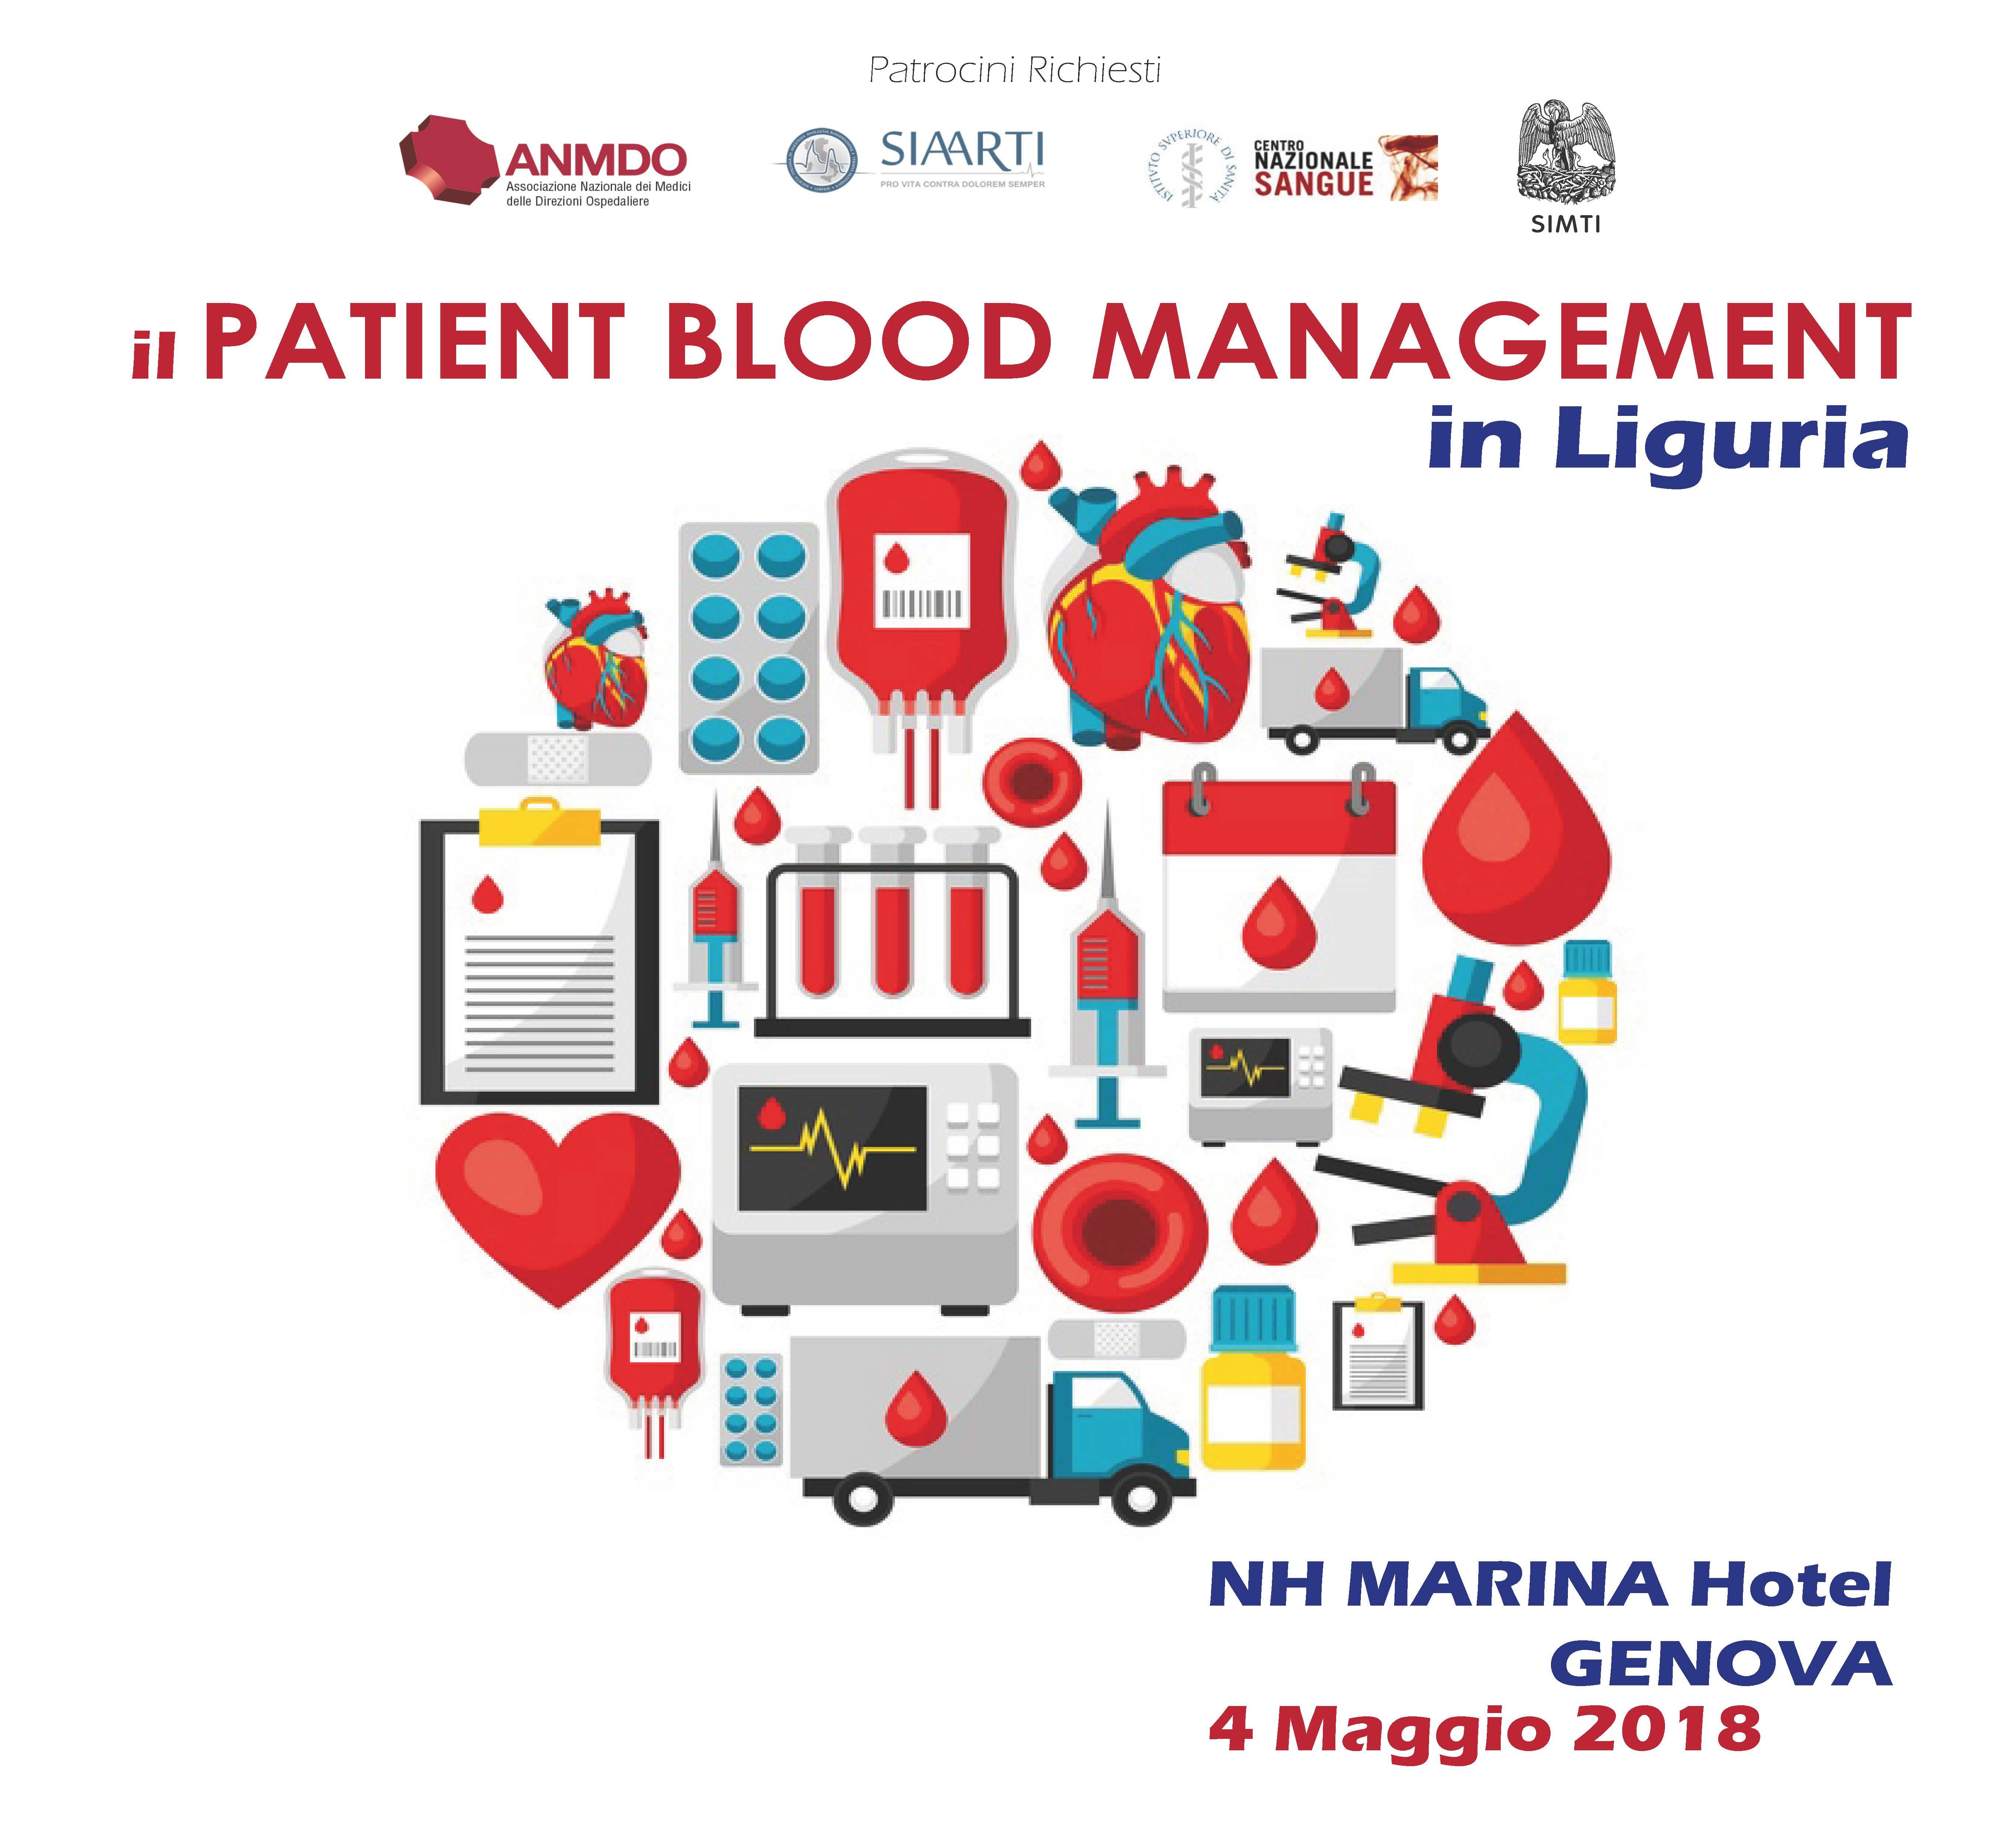 IL PATIENT BLOOD MANAGEMENT IN LIGURIA